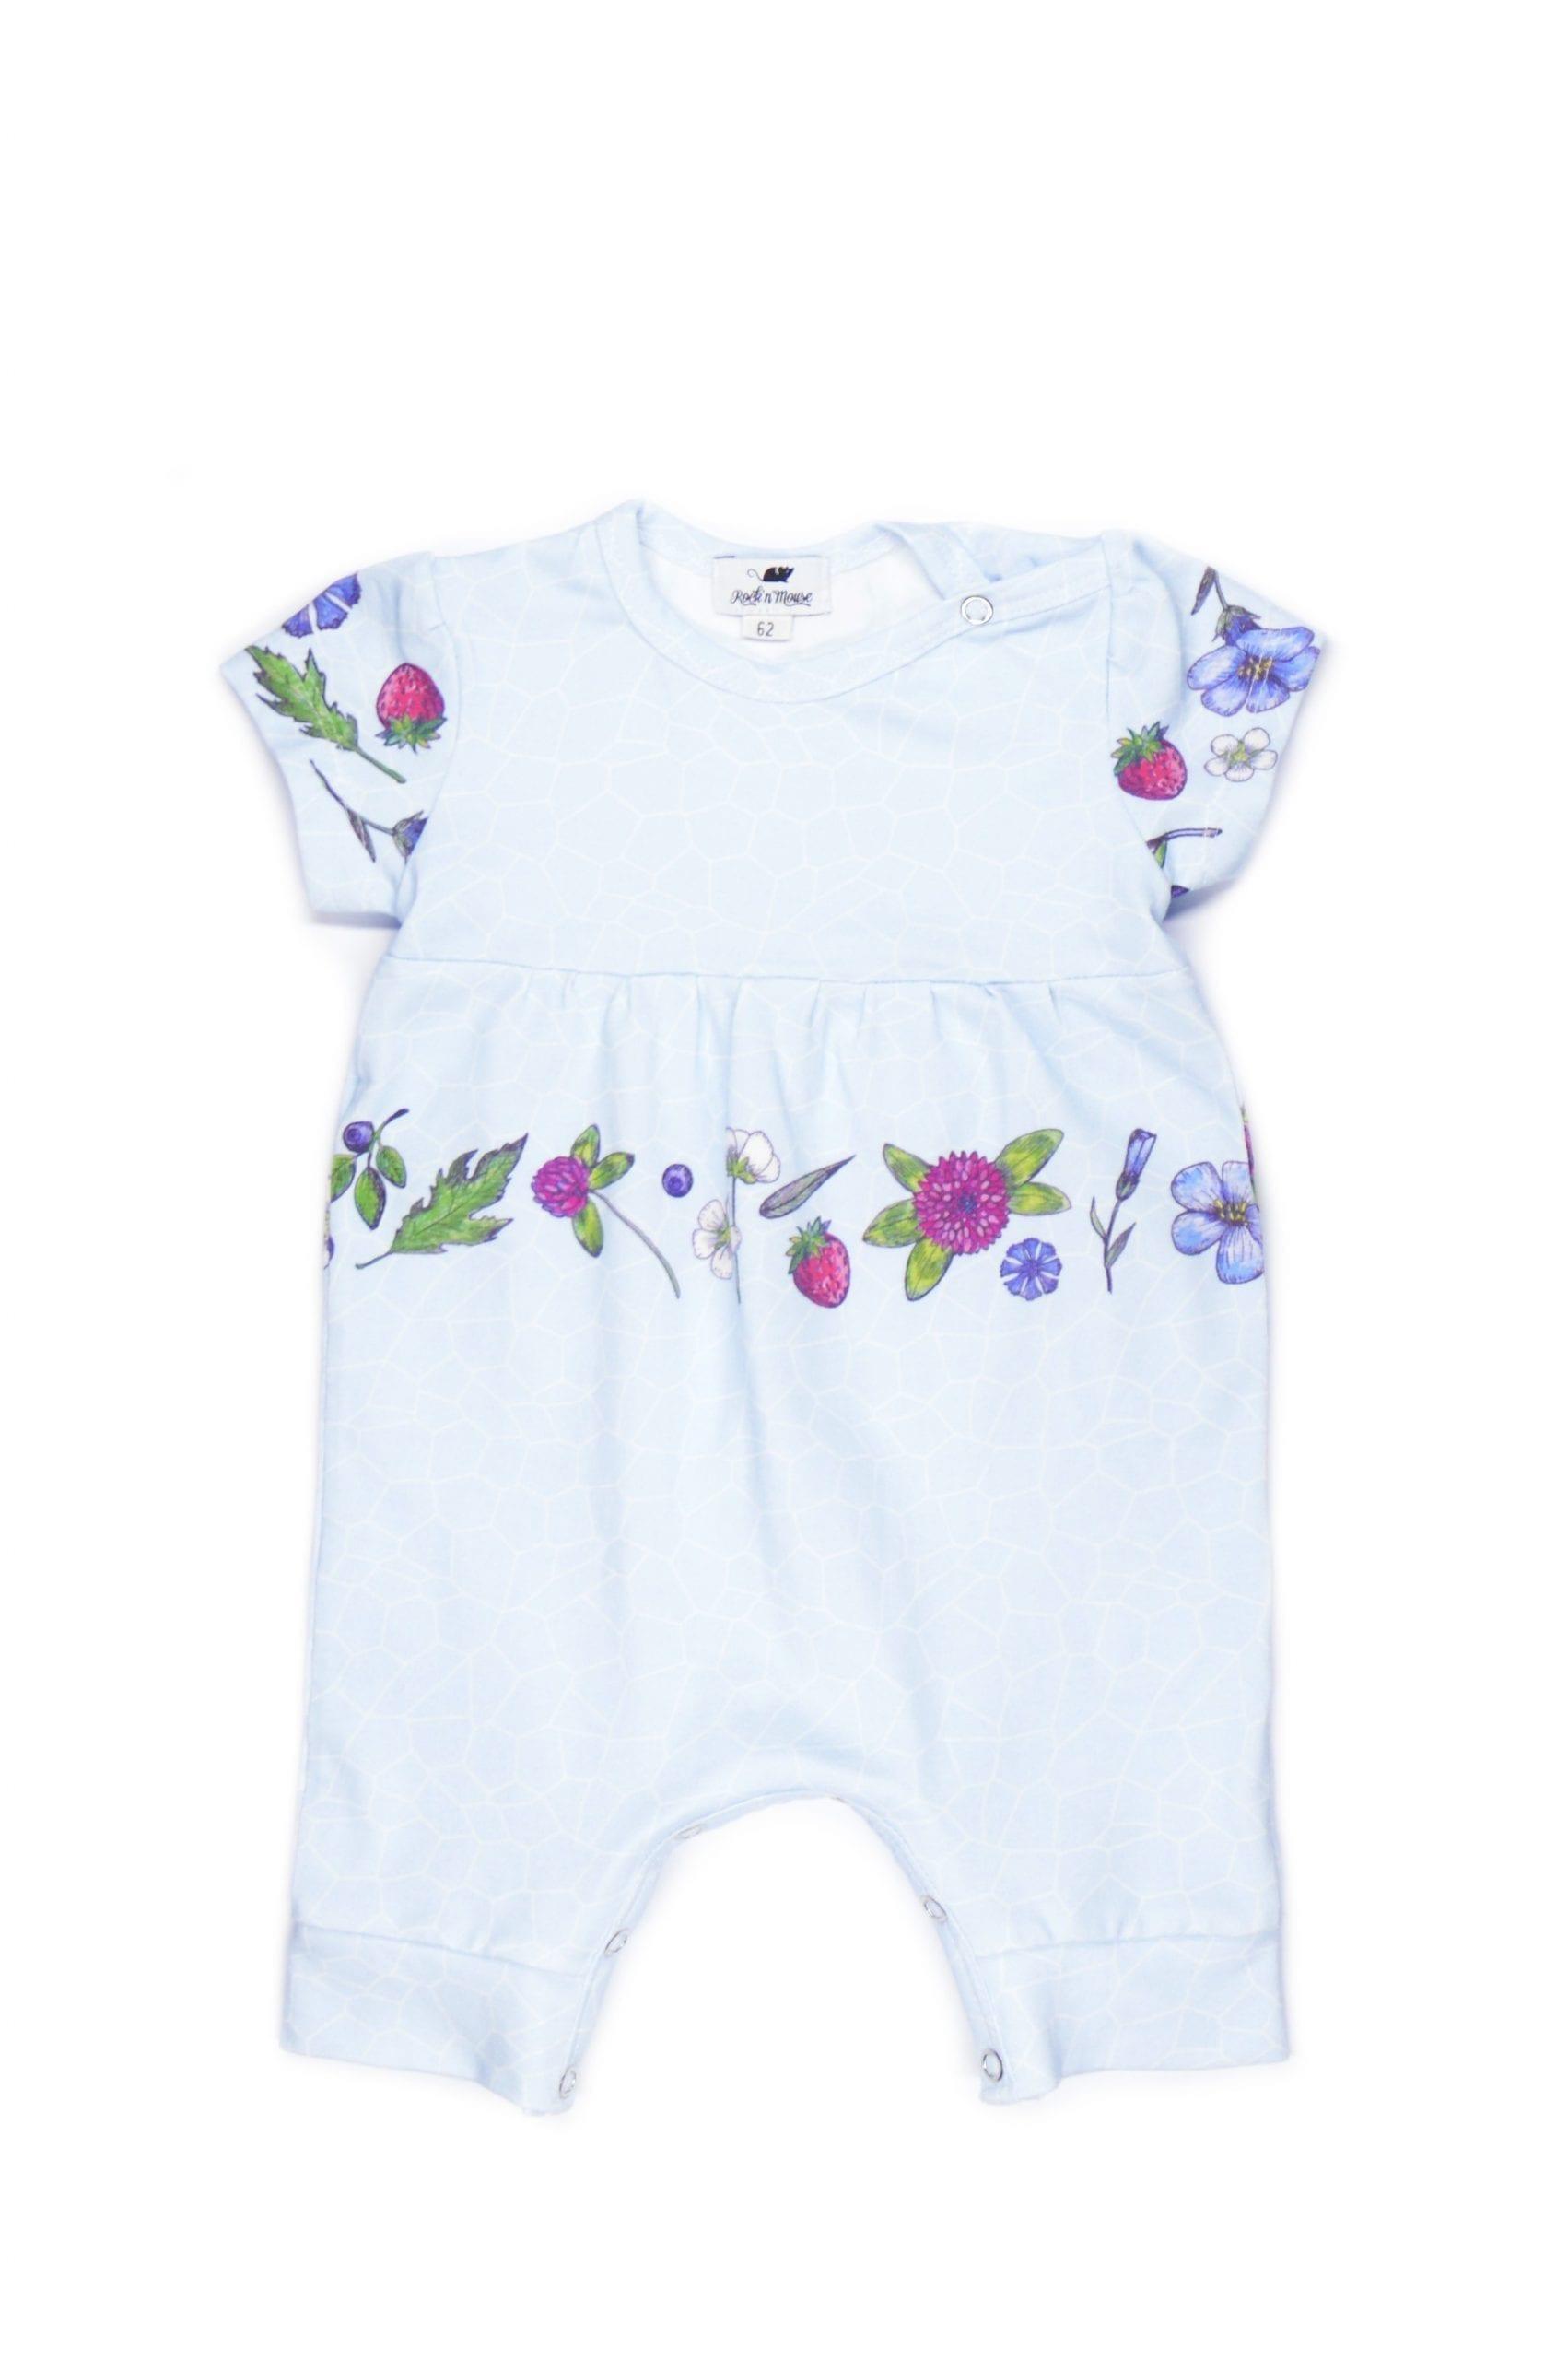 Unisex light blue baby romper with flowers for girl, boy, kid, toddler